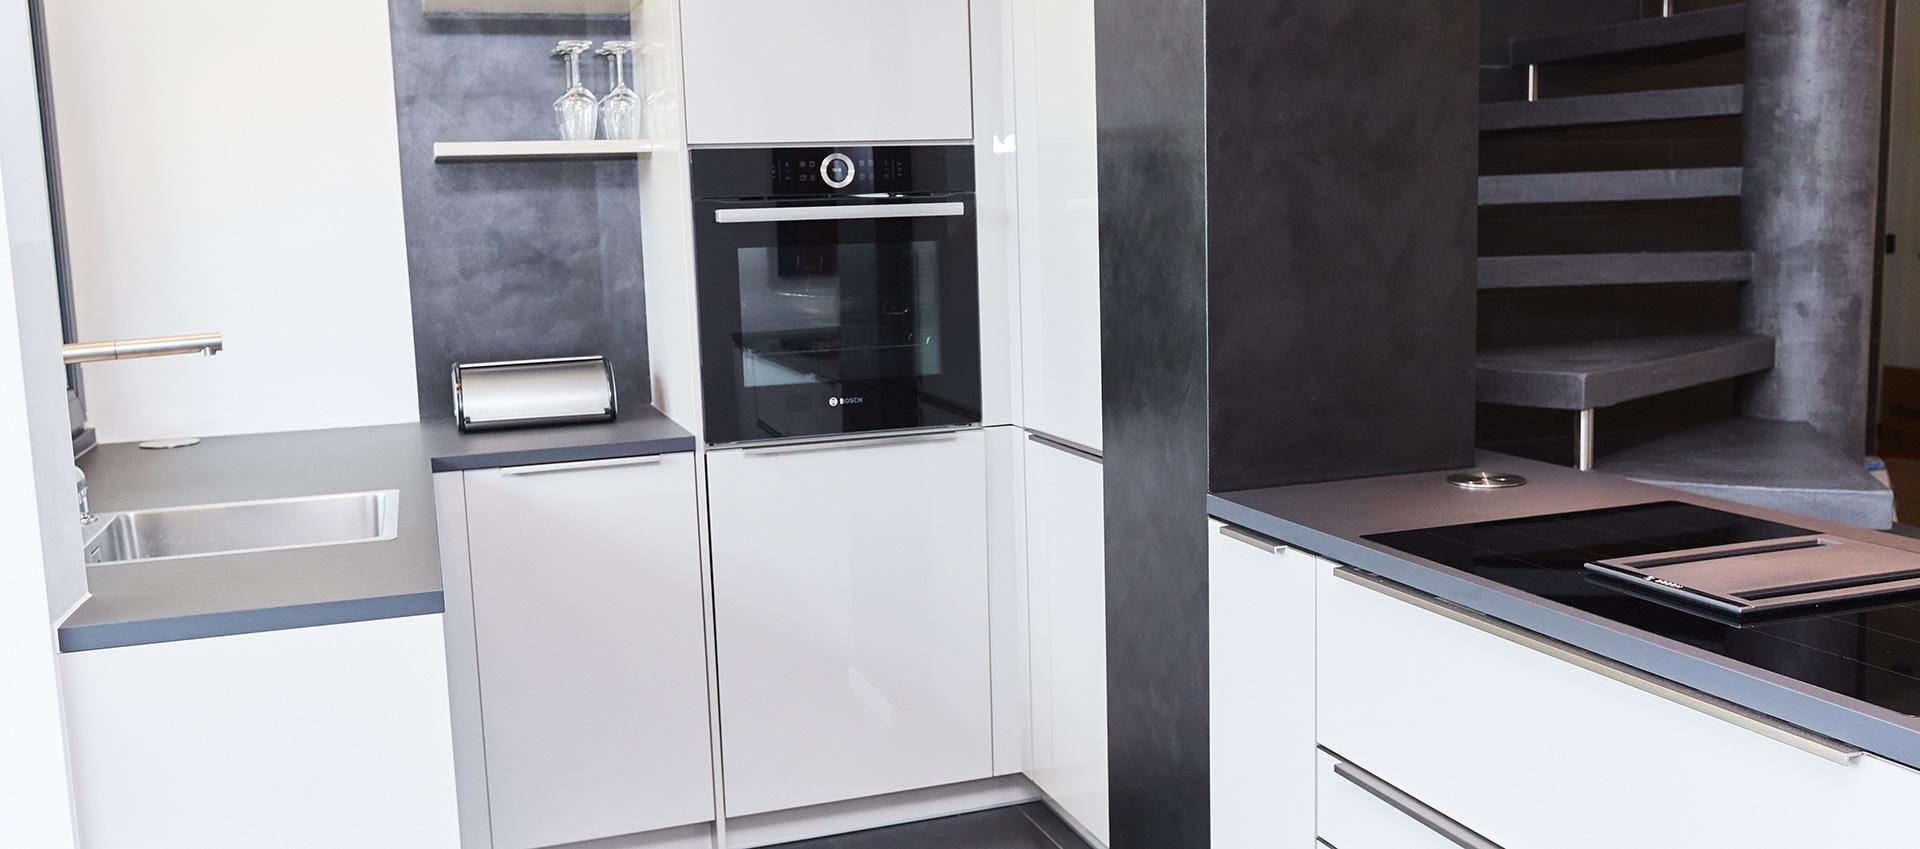 hochwertige einbauk chen in m nchen elha service. Black Bedroom Furniture Sets. Home Design Ideas